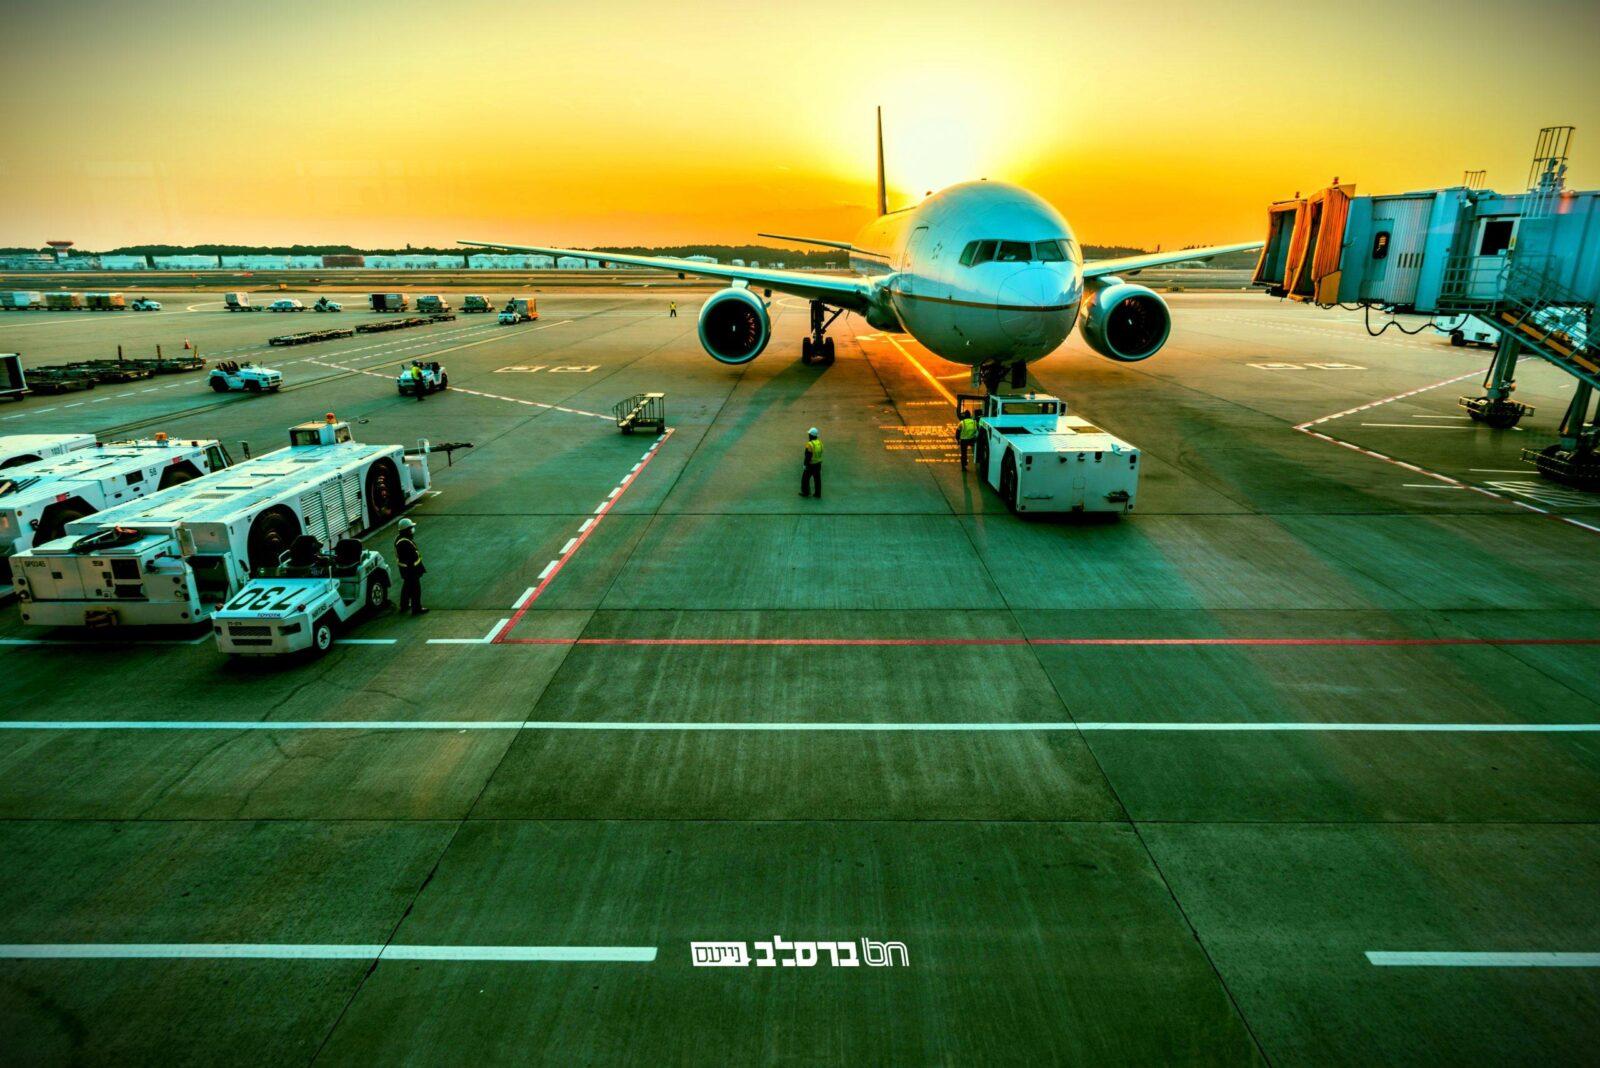 הטיסות לאוקראינה • משרד הבריאות האוקראיני מציג תכנית לחידוש הטיסות